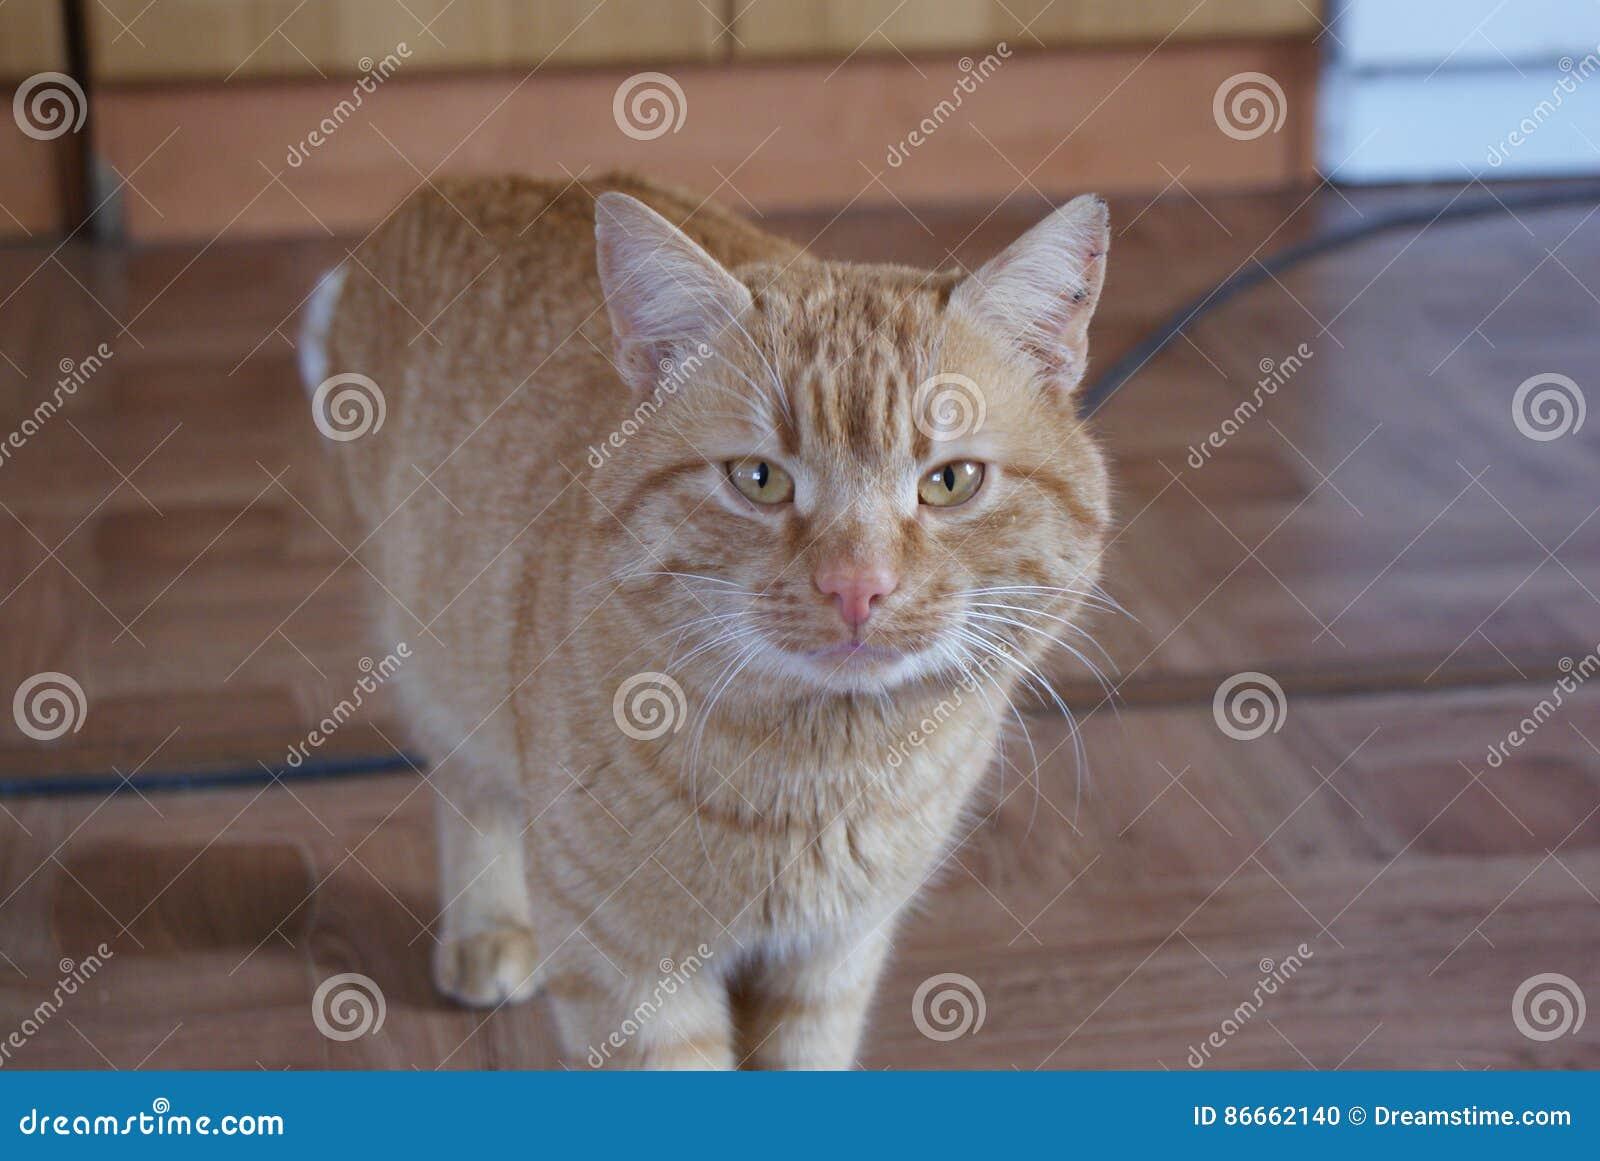 Кто такой каштановый кот